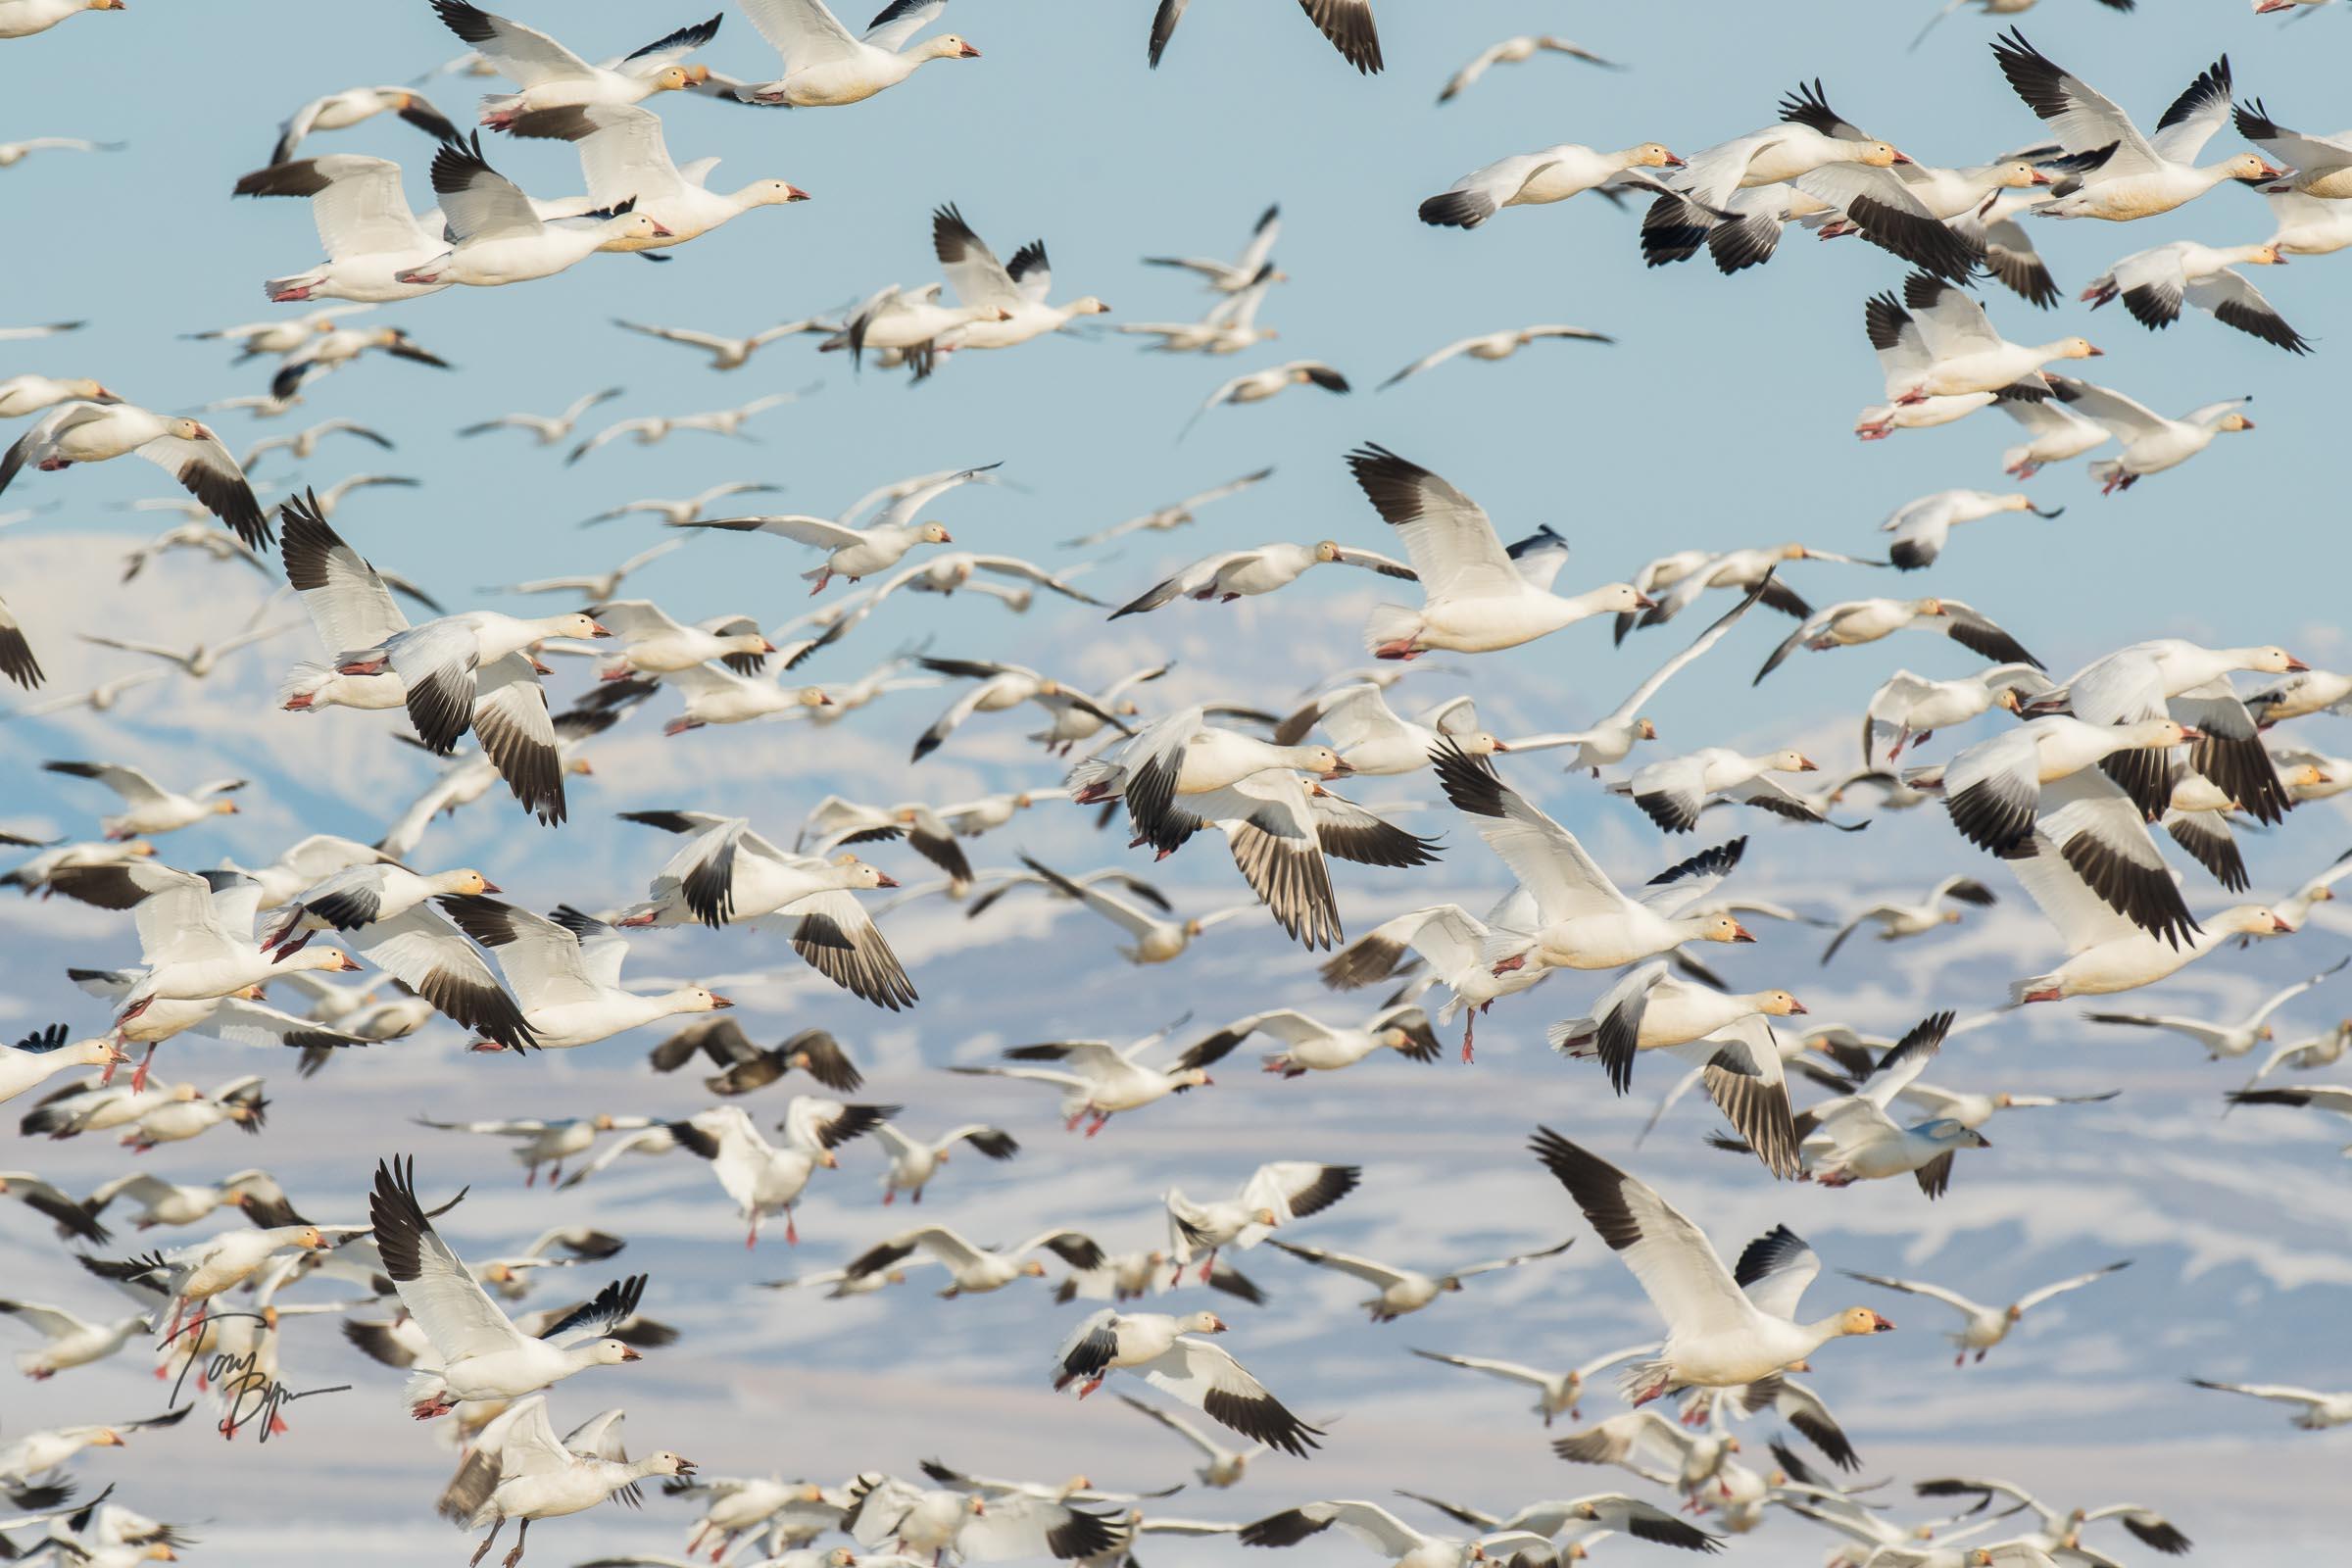 snow-geese-bynum-1978.JPG